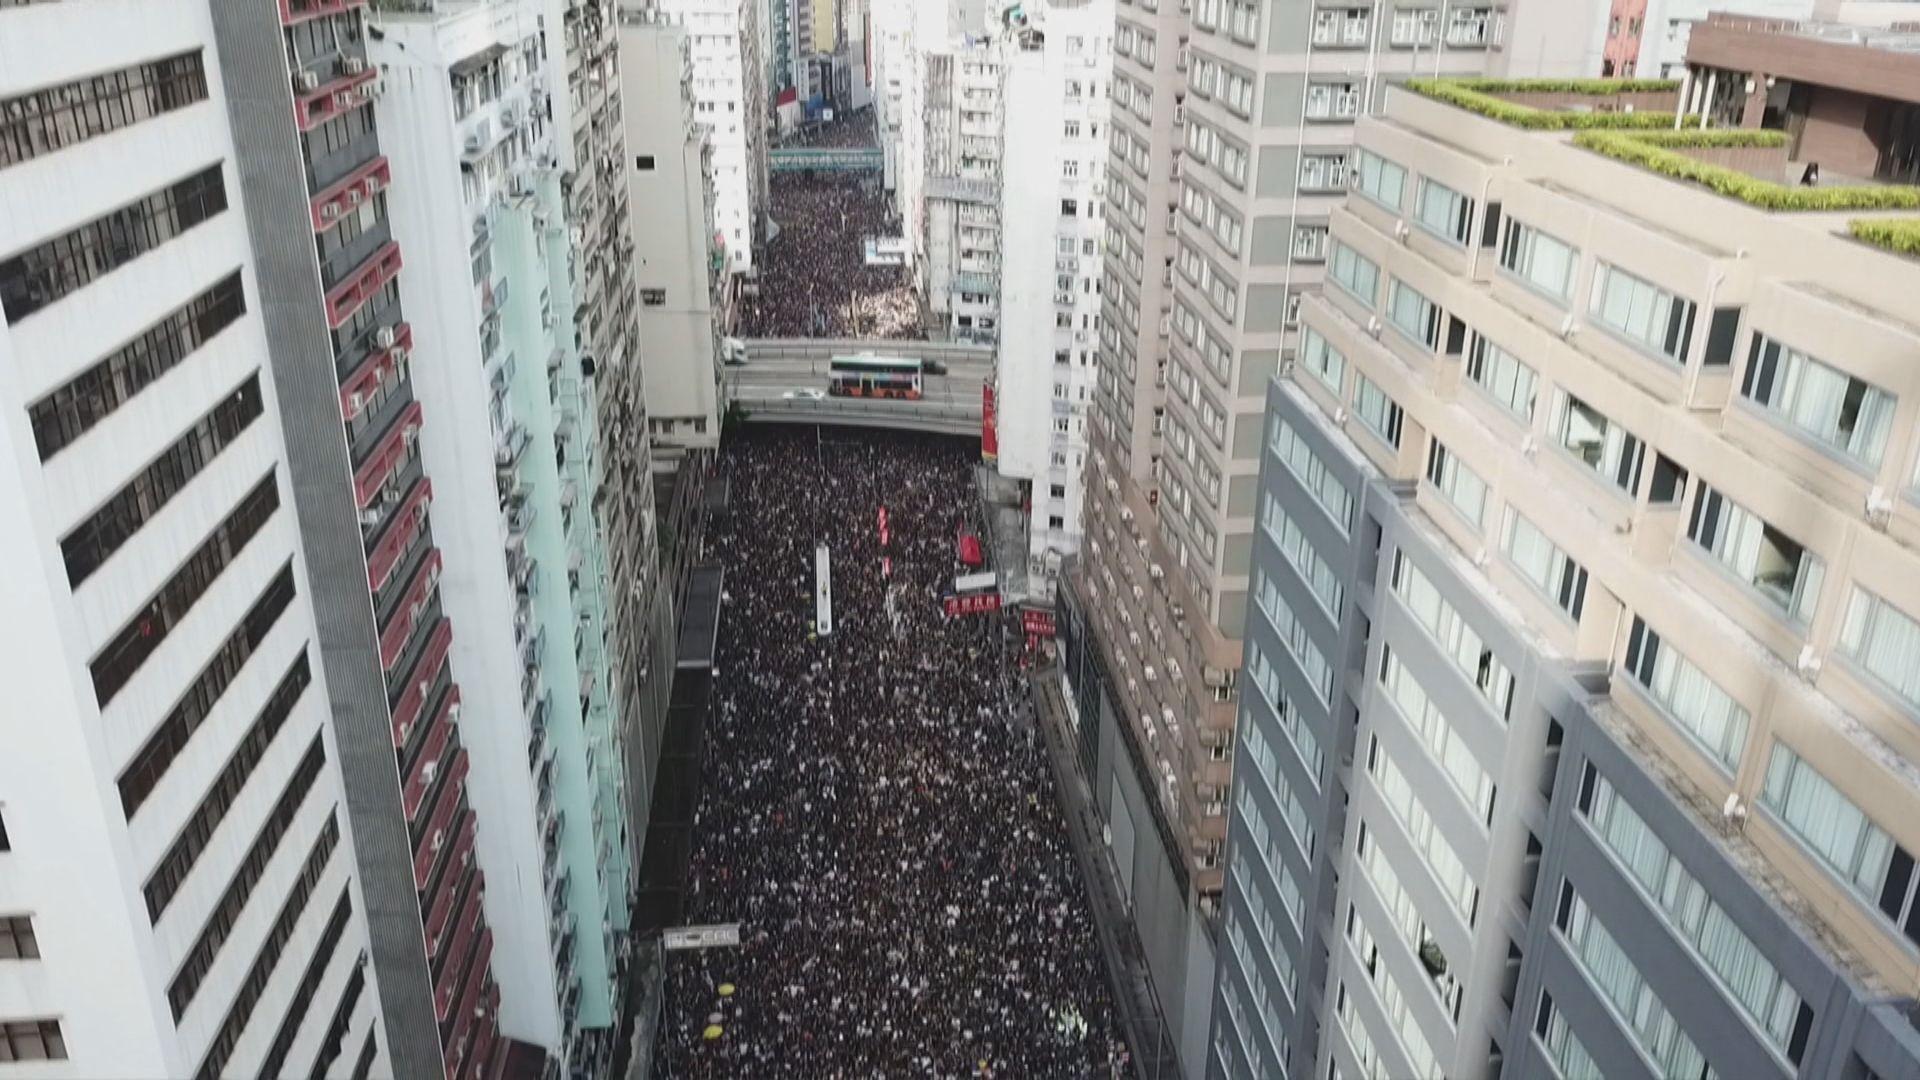 周六「光復紅土」遊行獲批以替代路線舉行